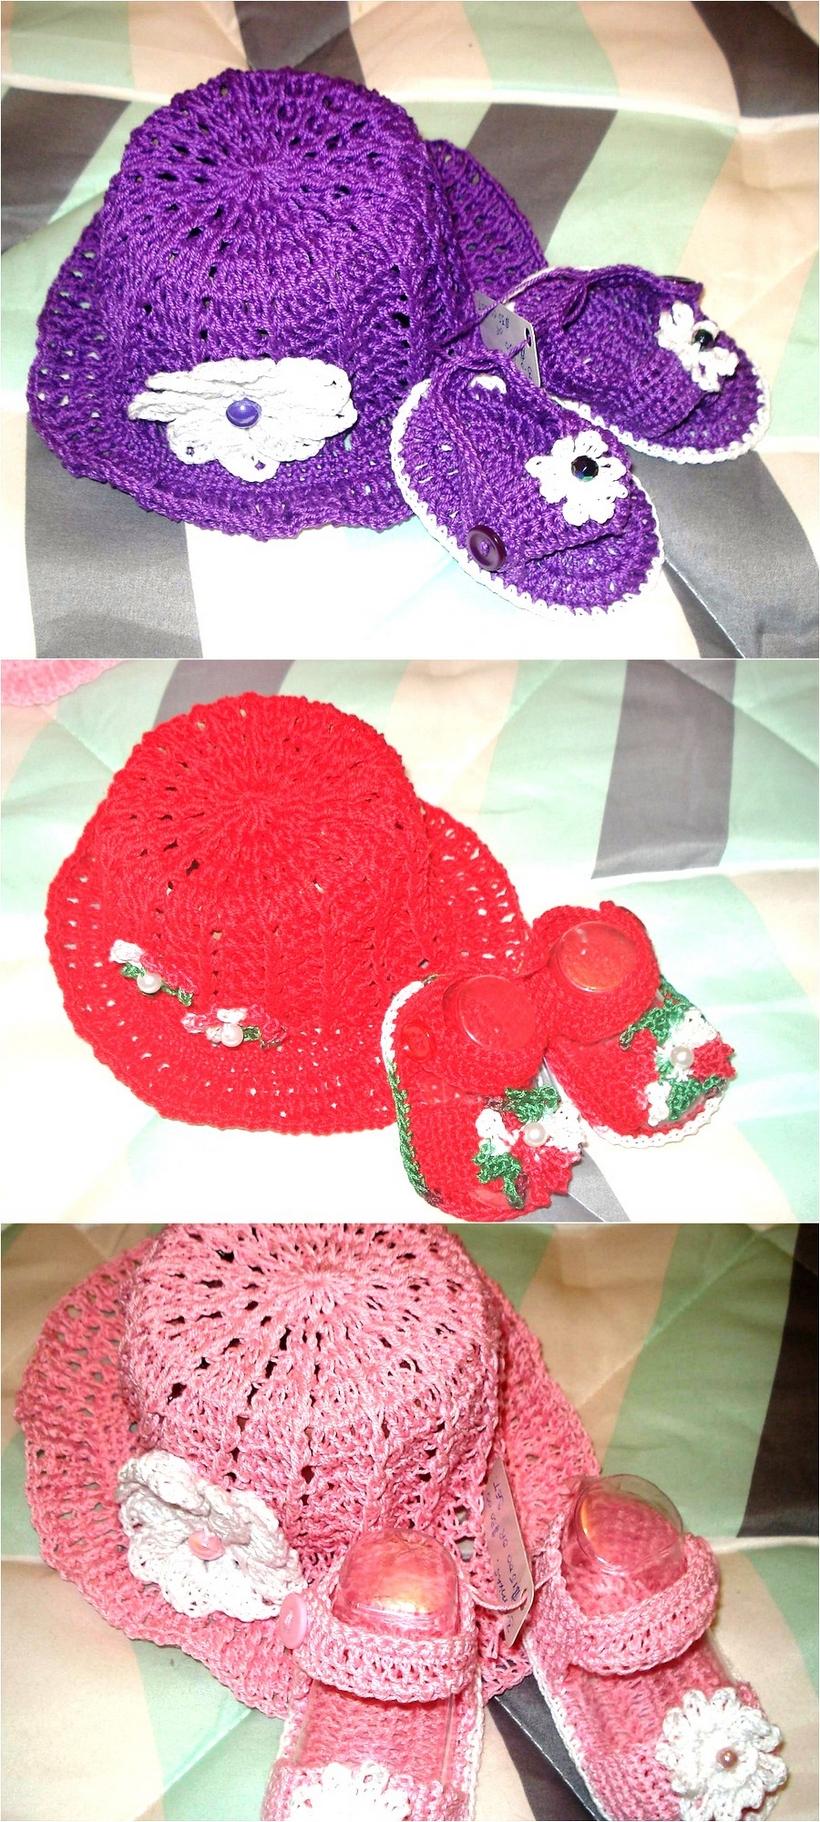 crochet-baby-booties-19